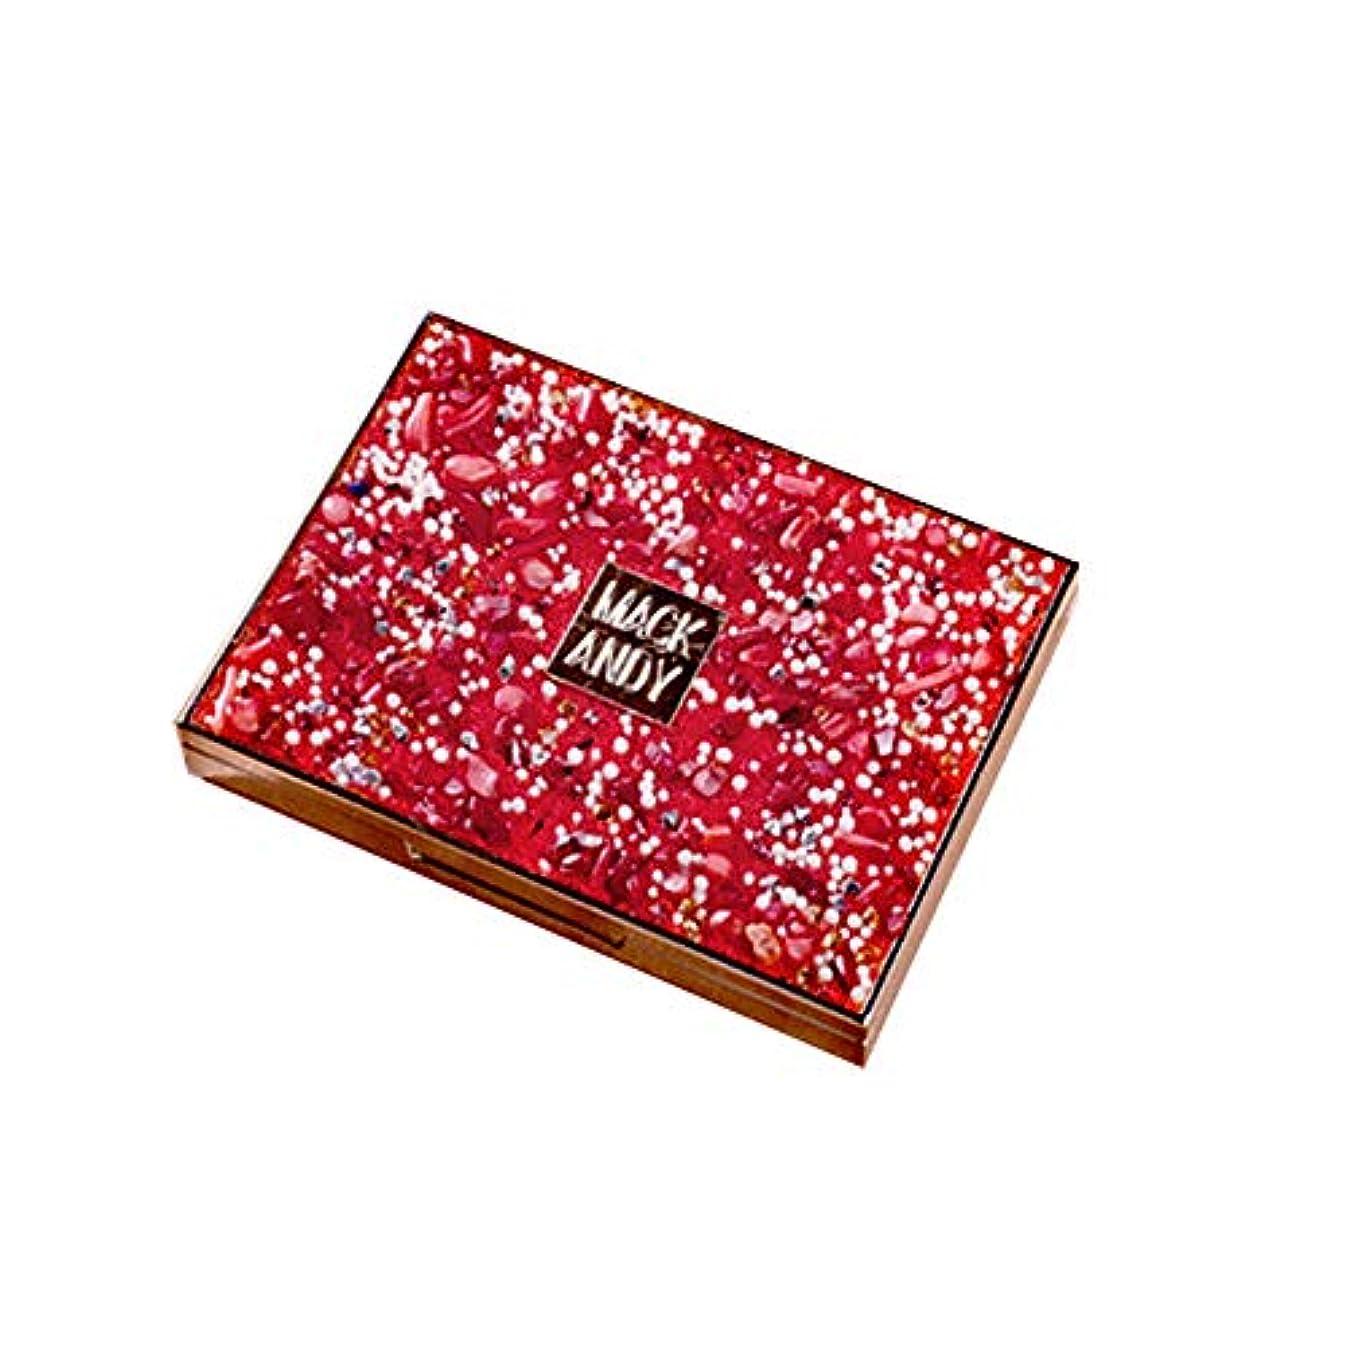 日記楽な作るアイシャドウ 8色 ブラシ付き スパンコール 女子力 パウダー パールアイシャドウ メイクパレット アイシャドー メイクパレット グリッター 女性 日常 日韓風 携帯便利 極め細かいアイメイクhuajuan (RD)